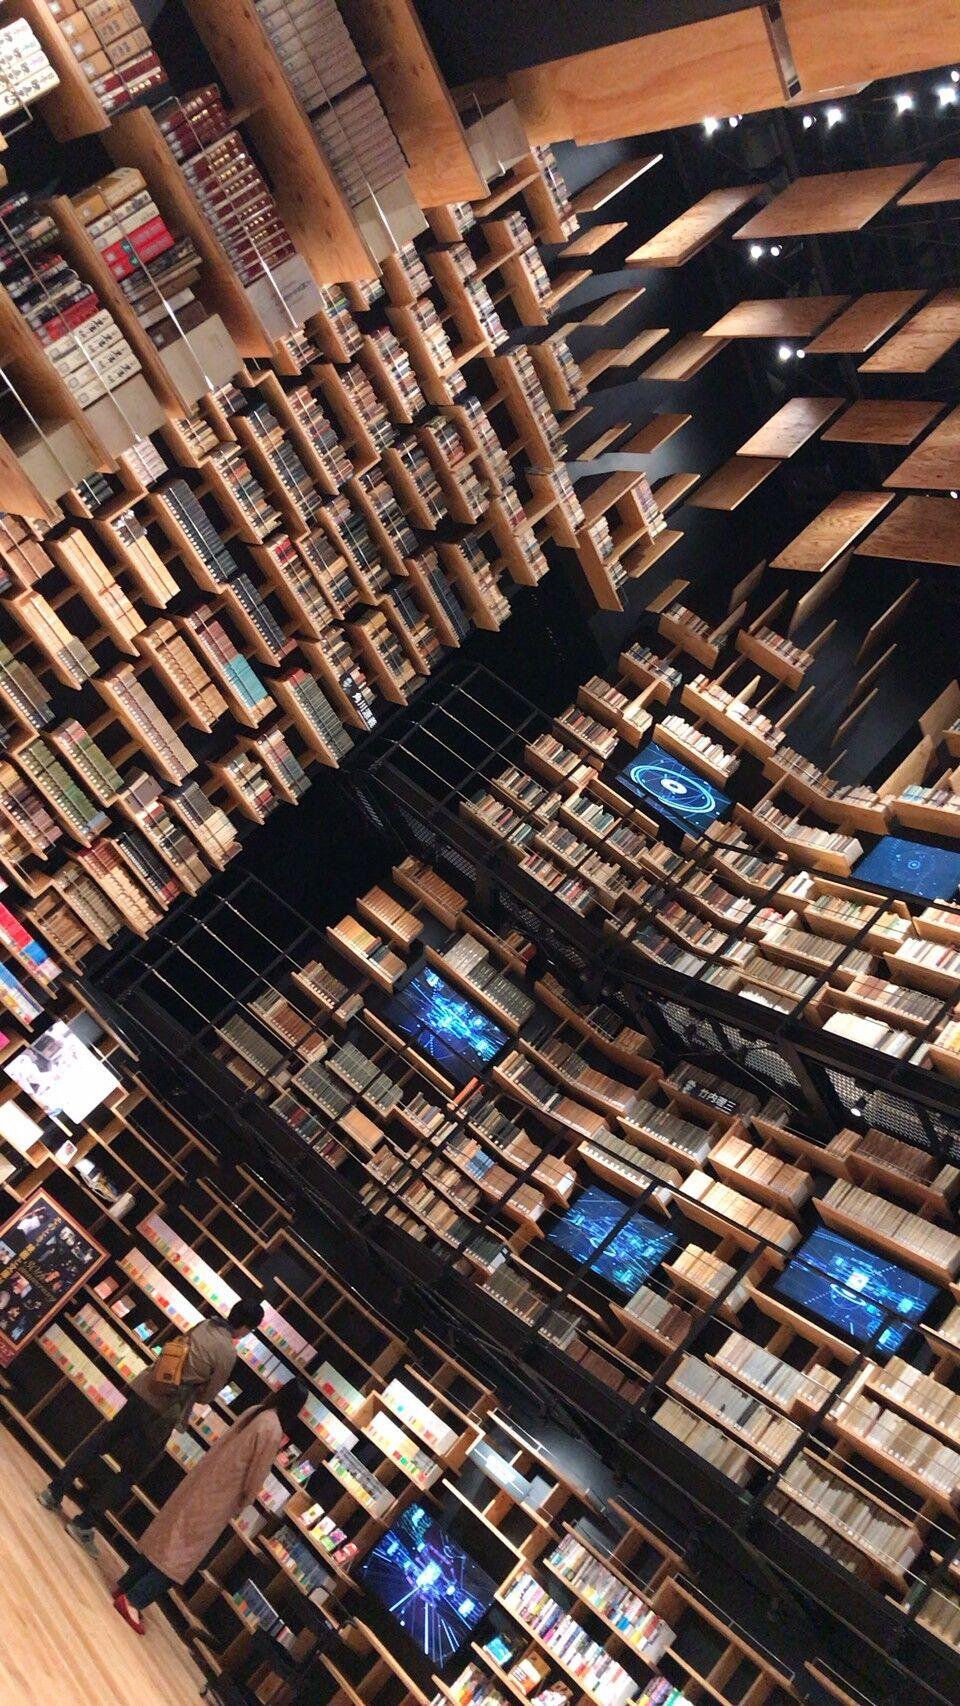 角川ミュージアム、複雑に並べられた本棚